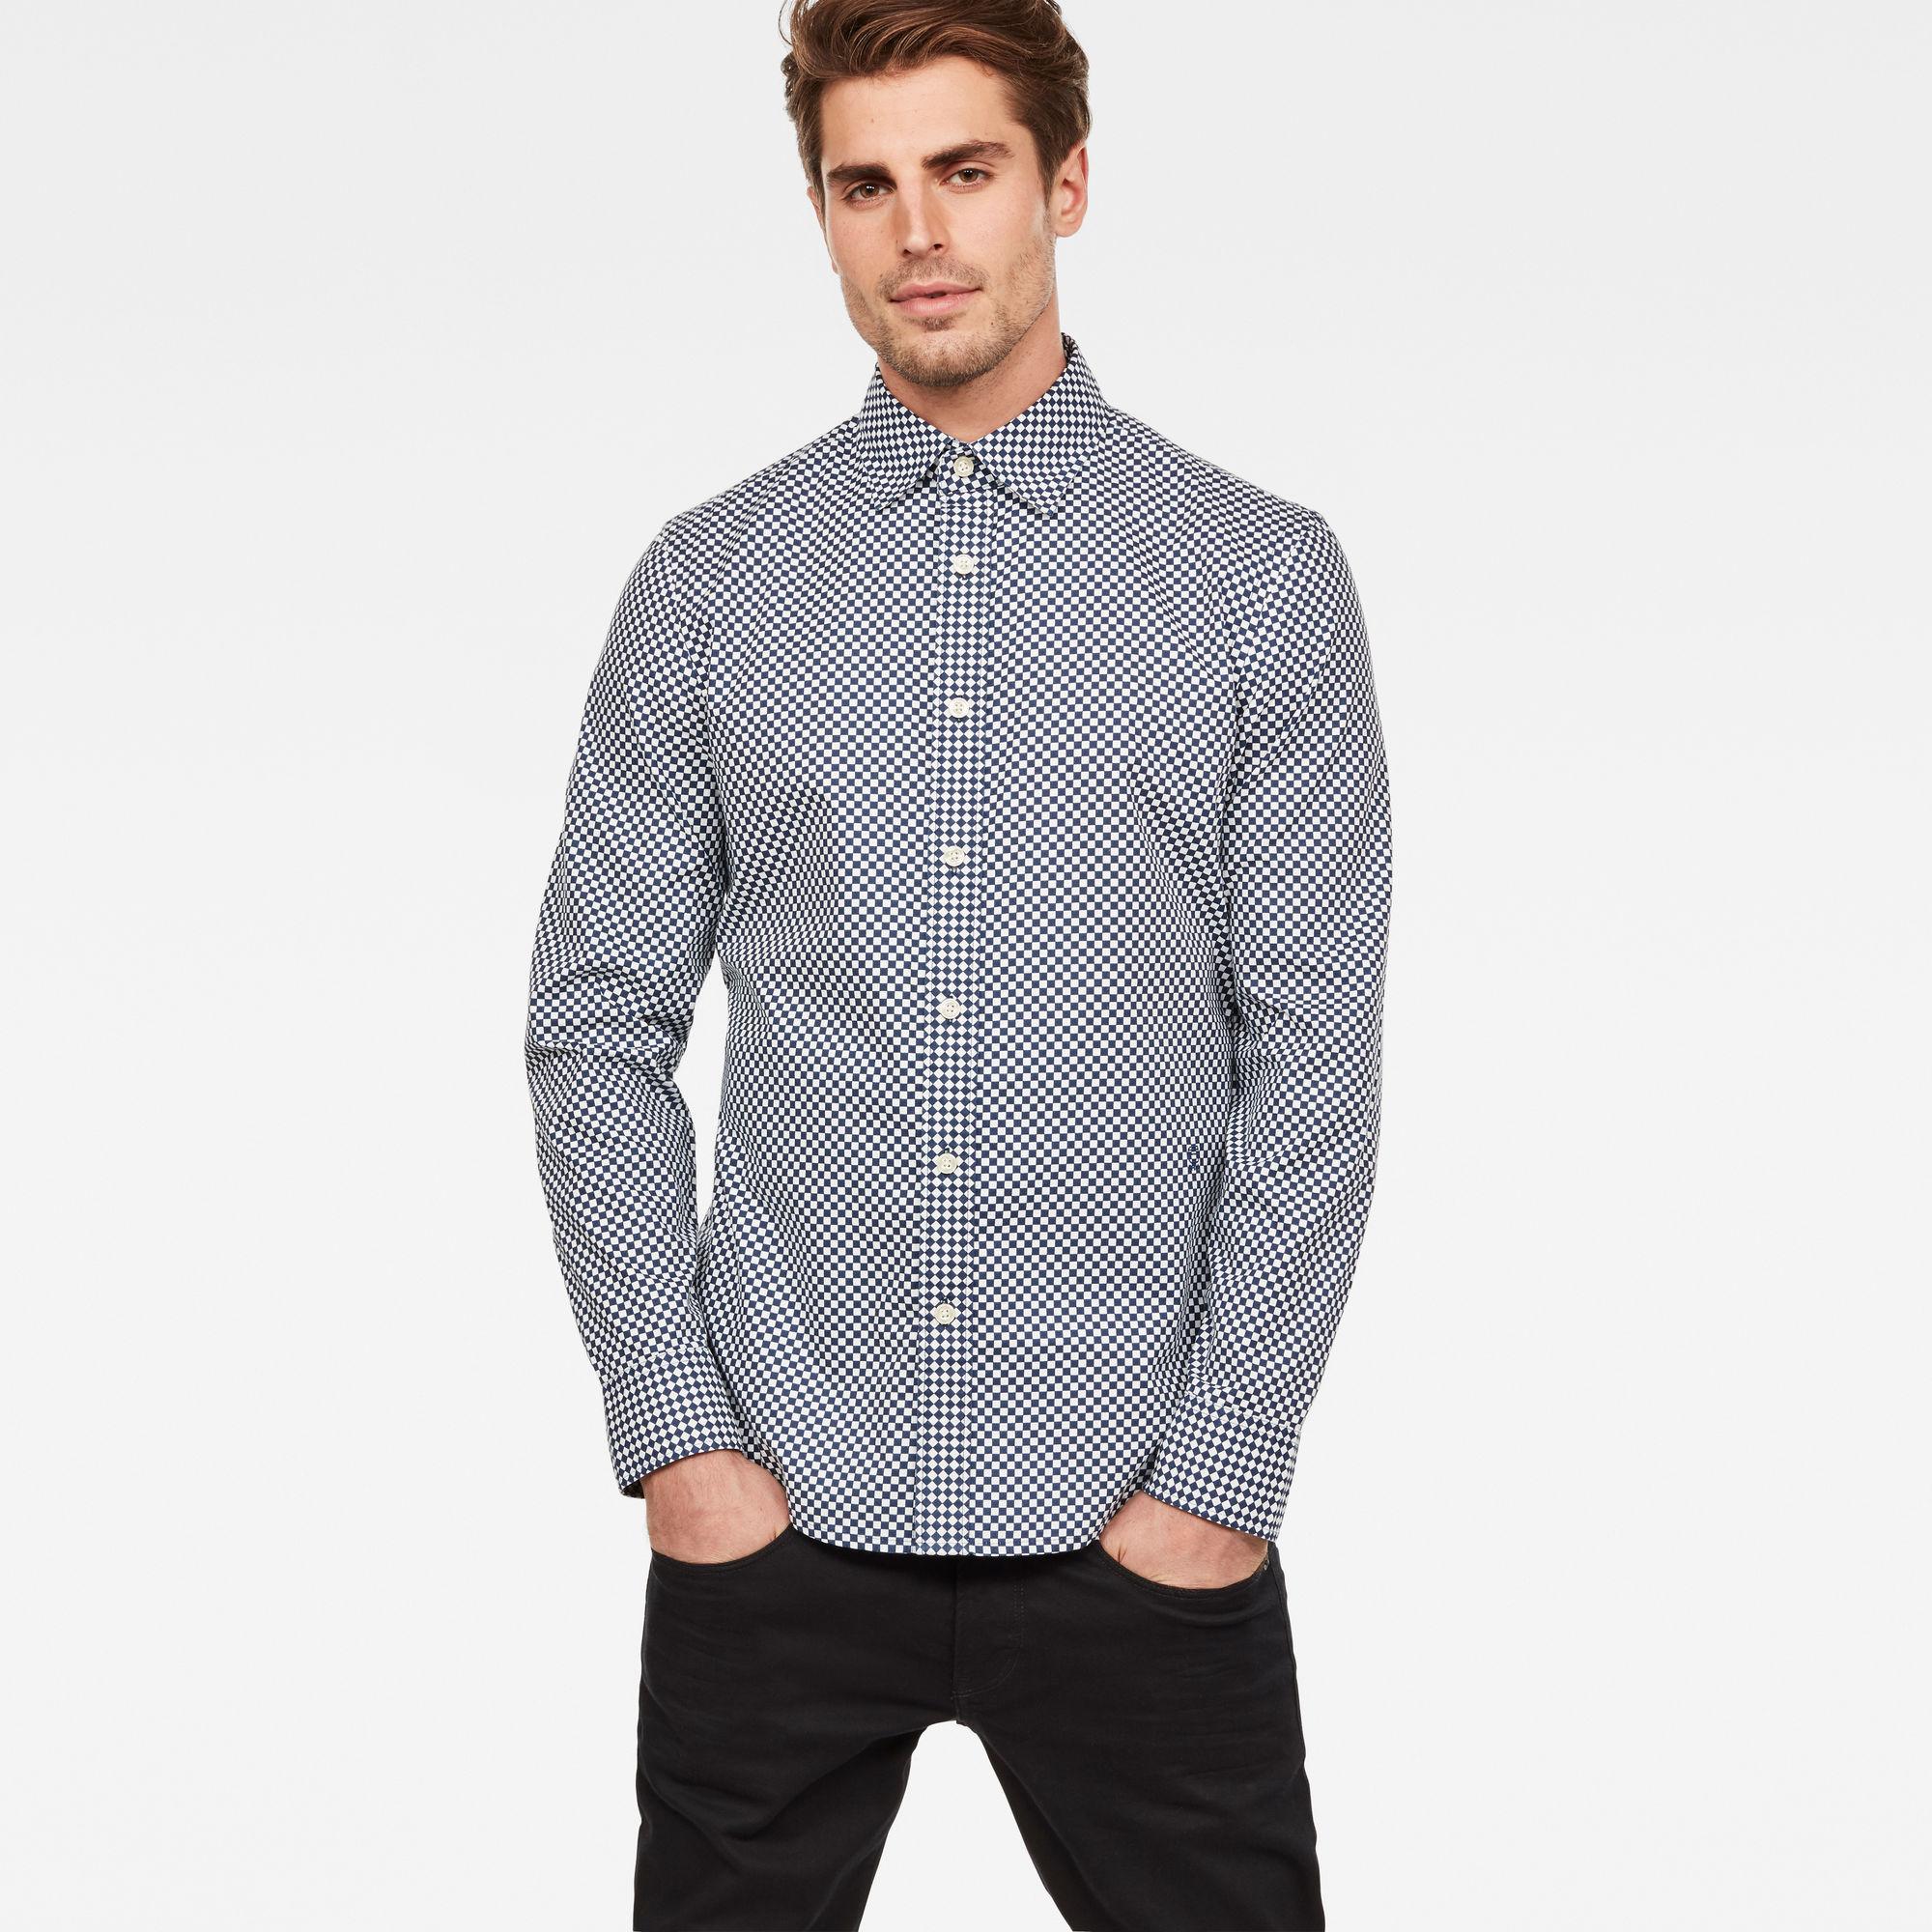 Image of G Star Raw Bristum Slim Shirt